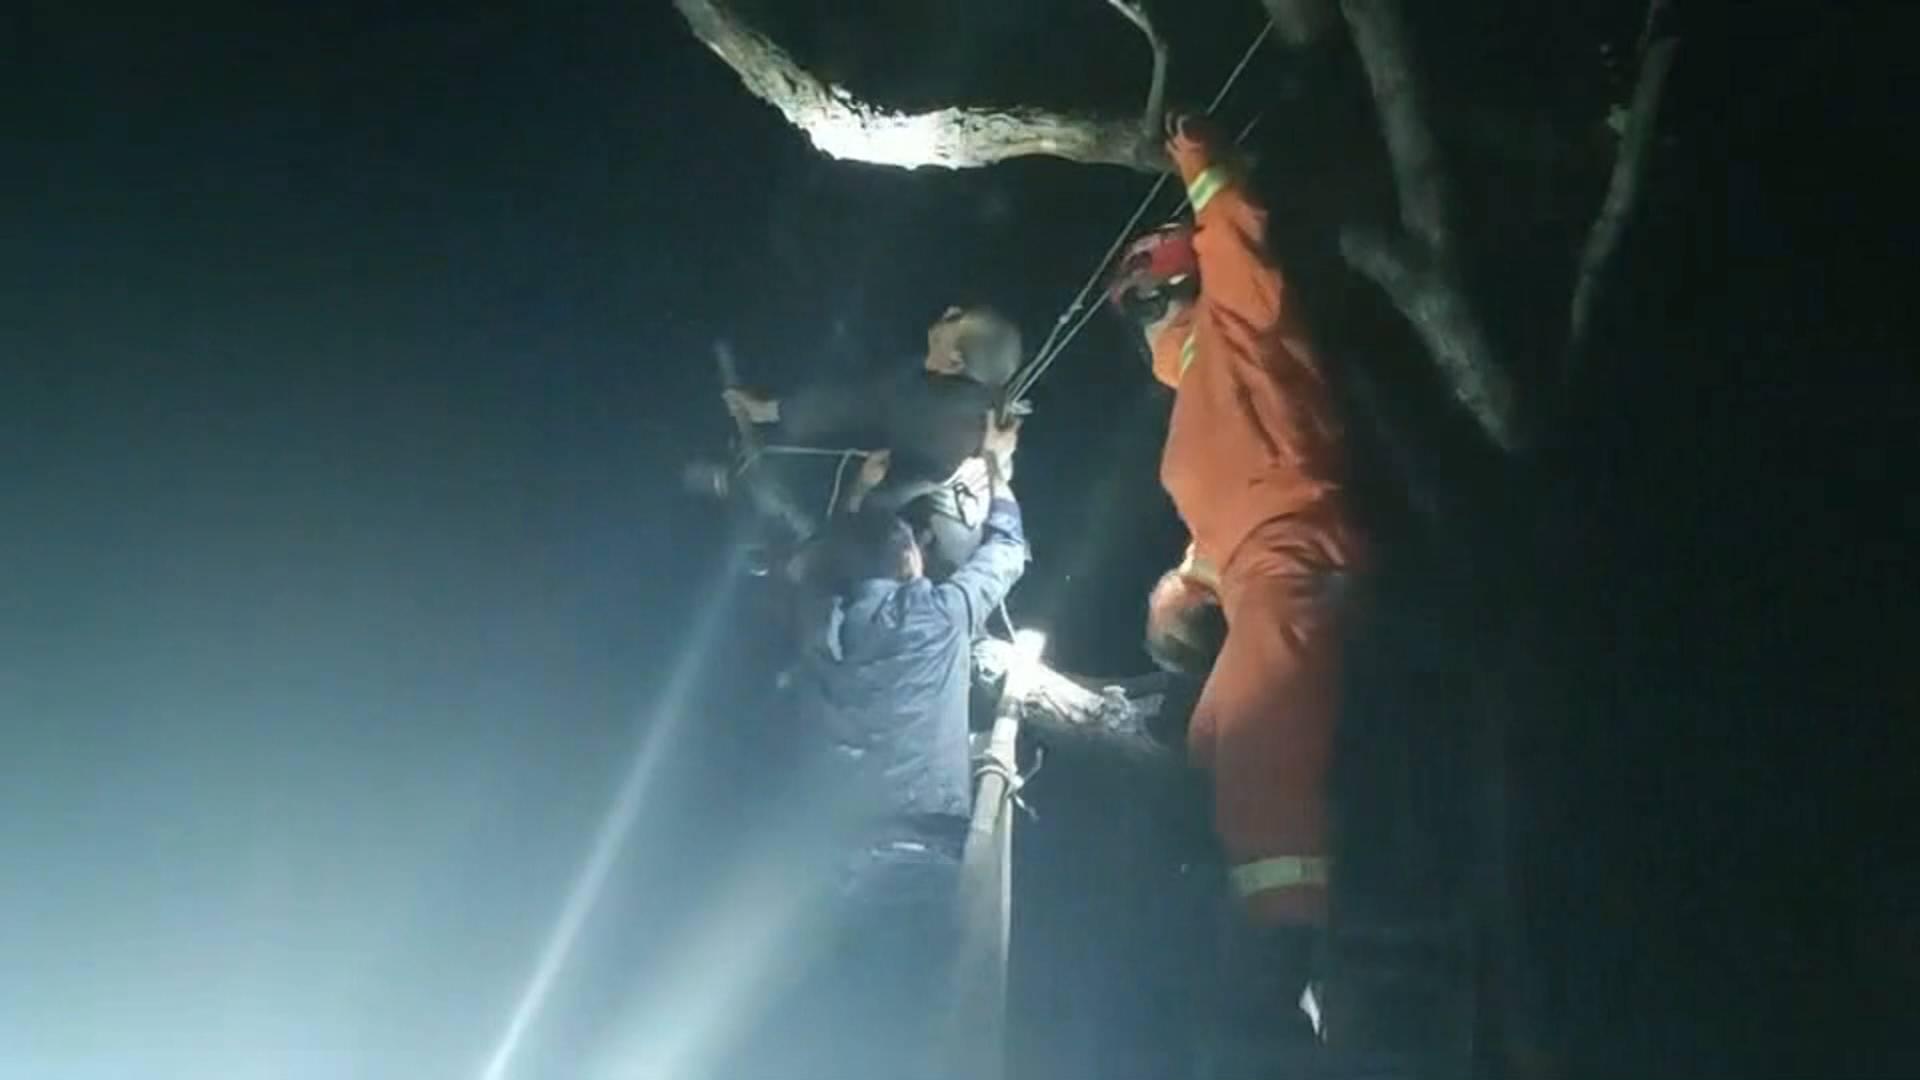 淄博一80岁老人为摘香椿被困树上 消防紧急救援